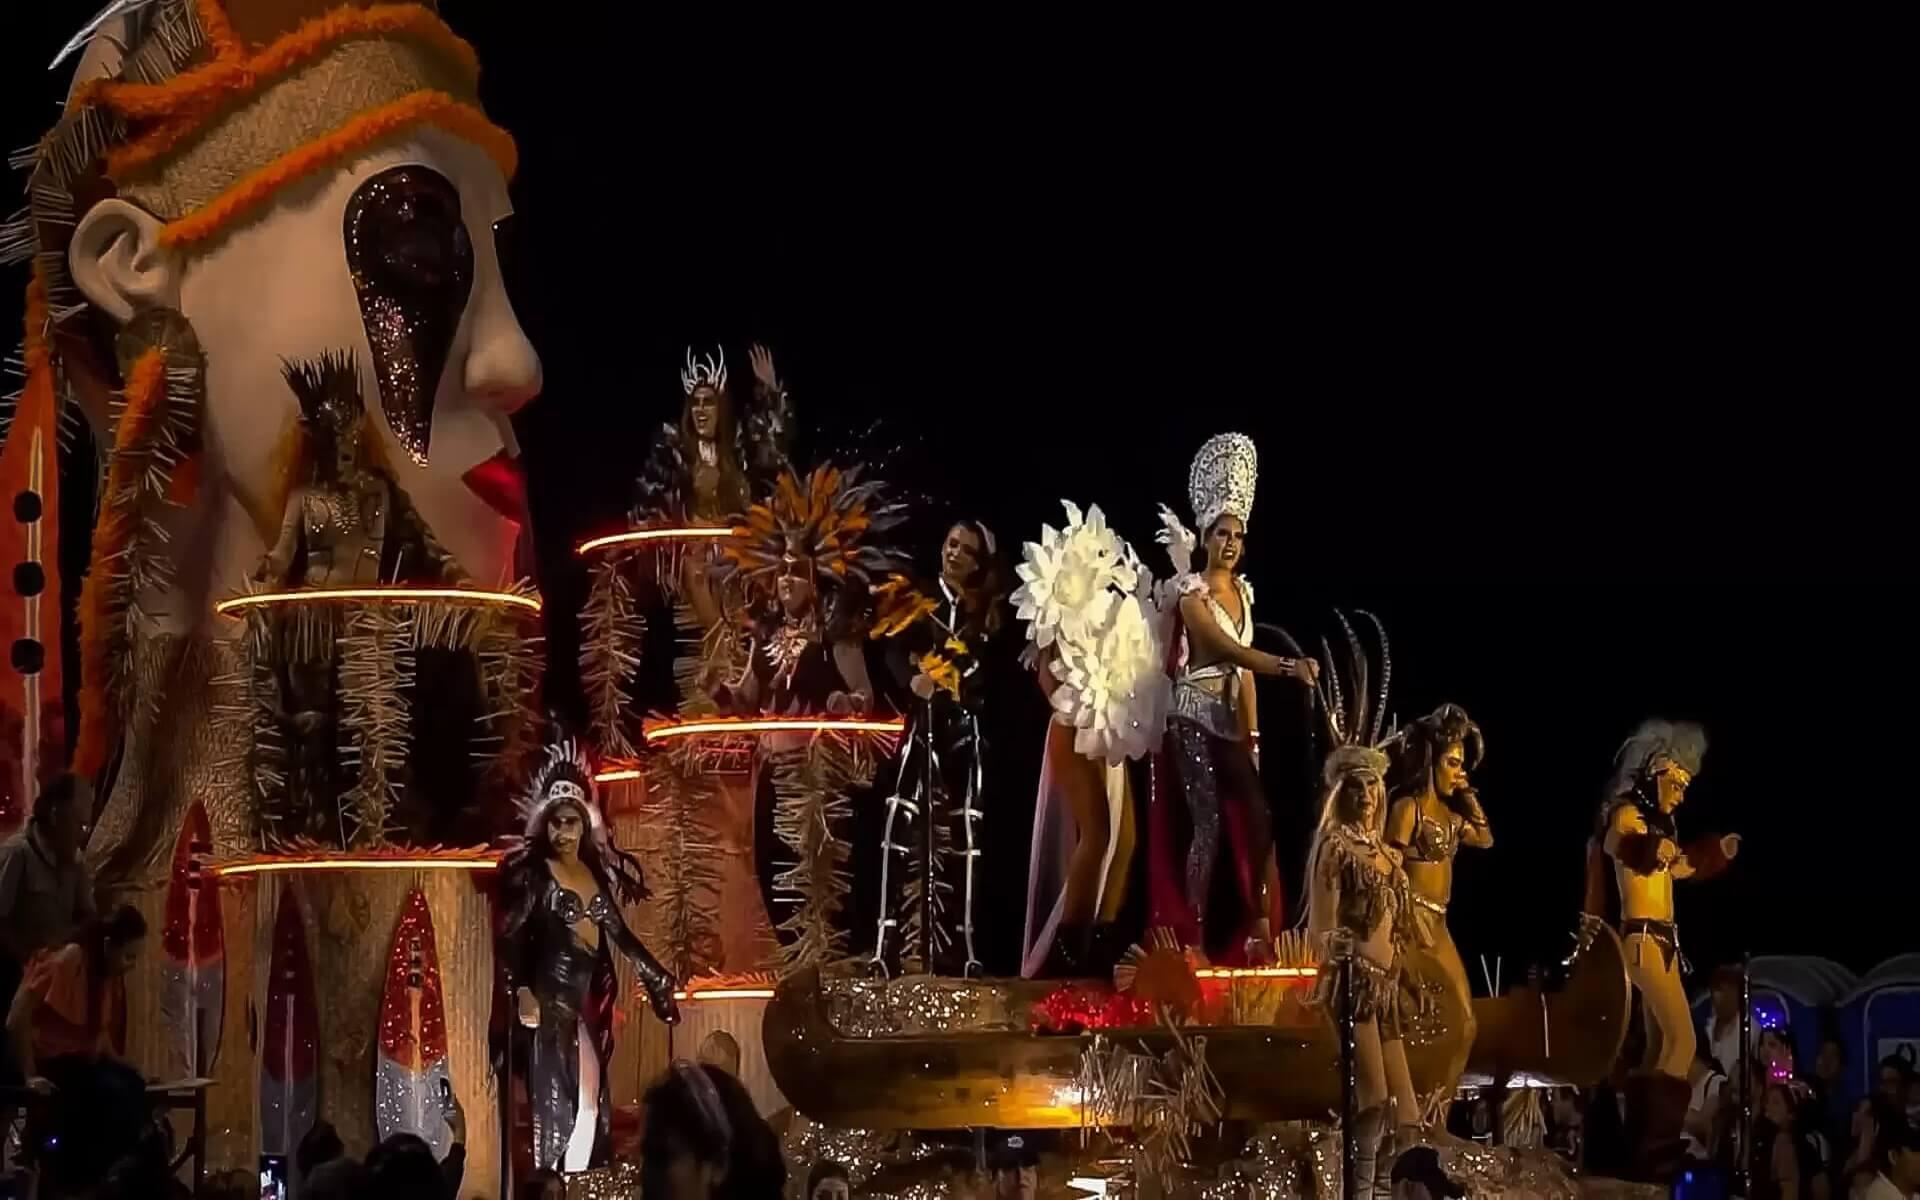 Carnival-in-Mazatlan-Mexico